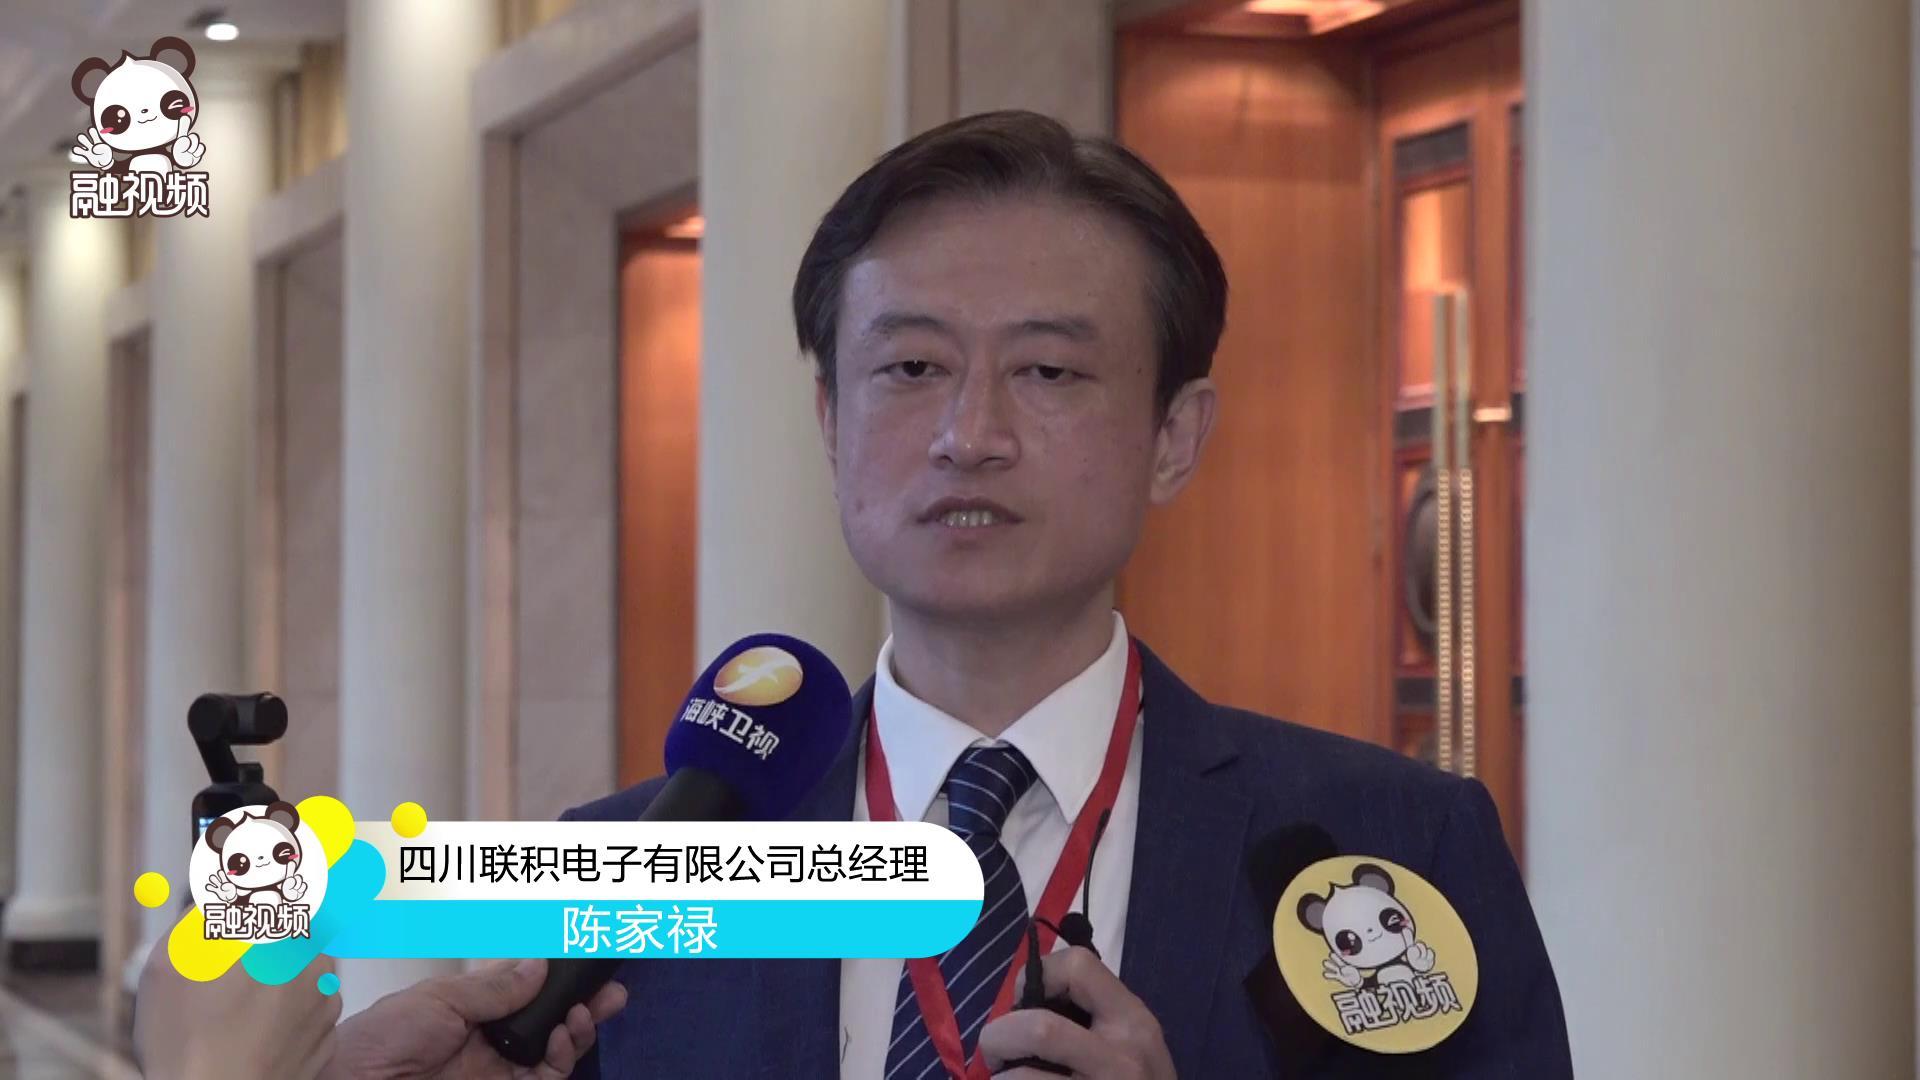 台商陈家禄:相信在四川能得到很好的发展图片